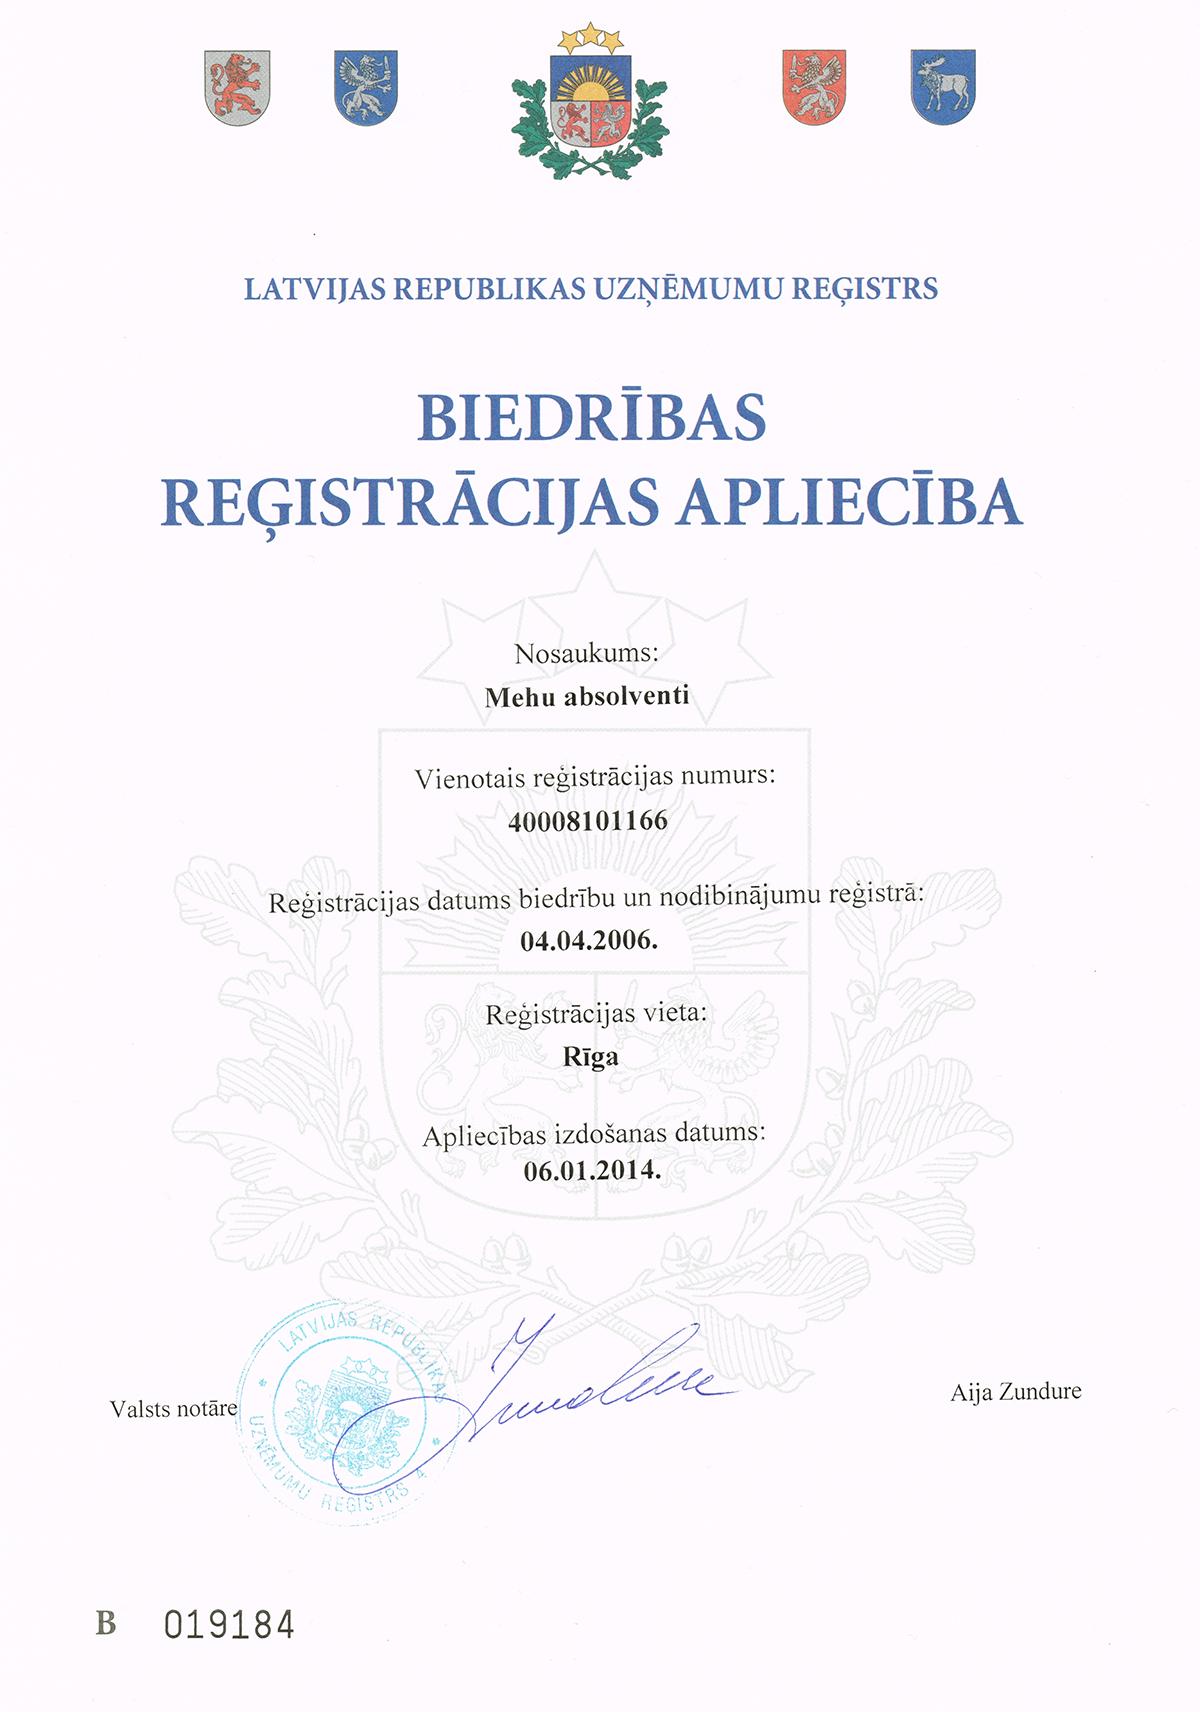 Registracijas_aplieciba